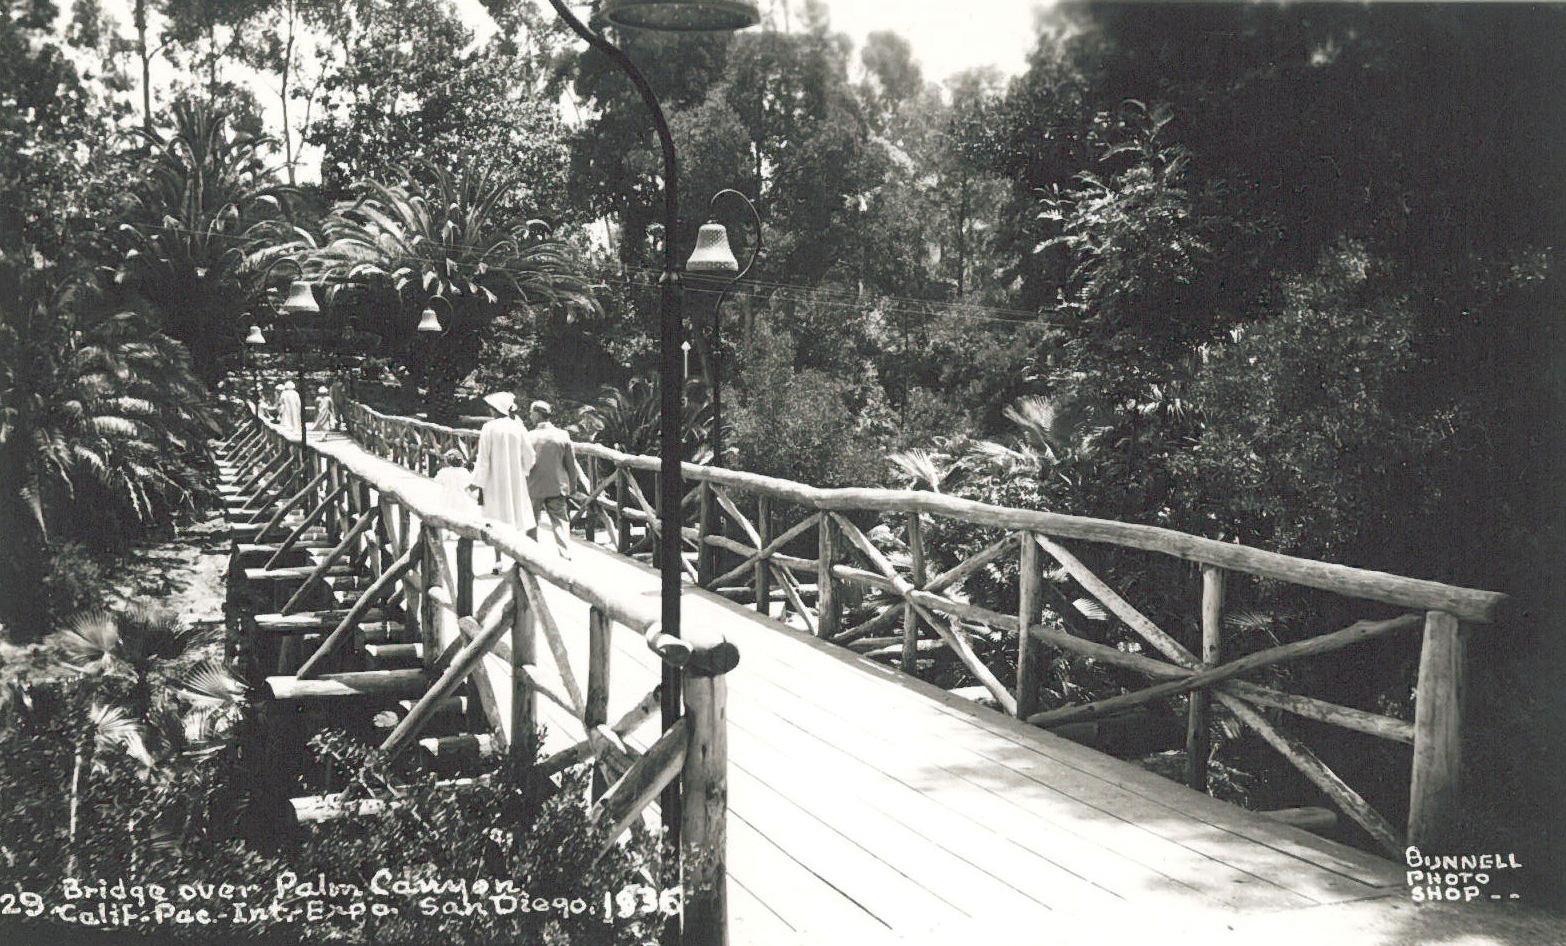 Palm Canyon footbridge